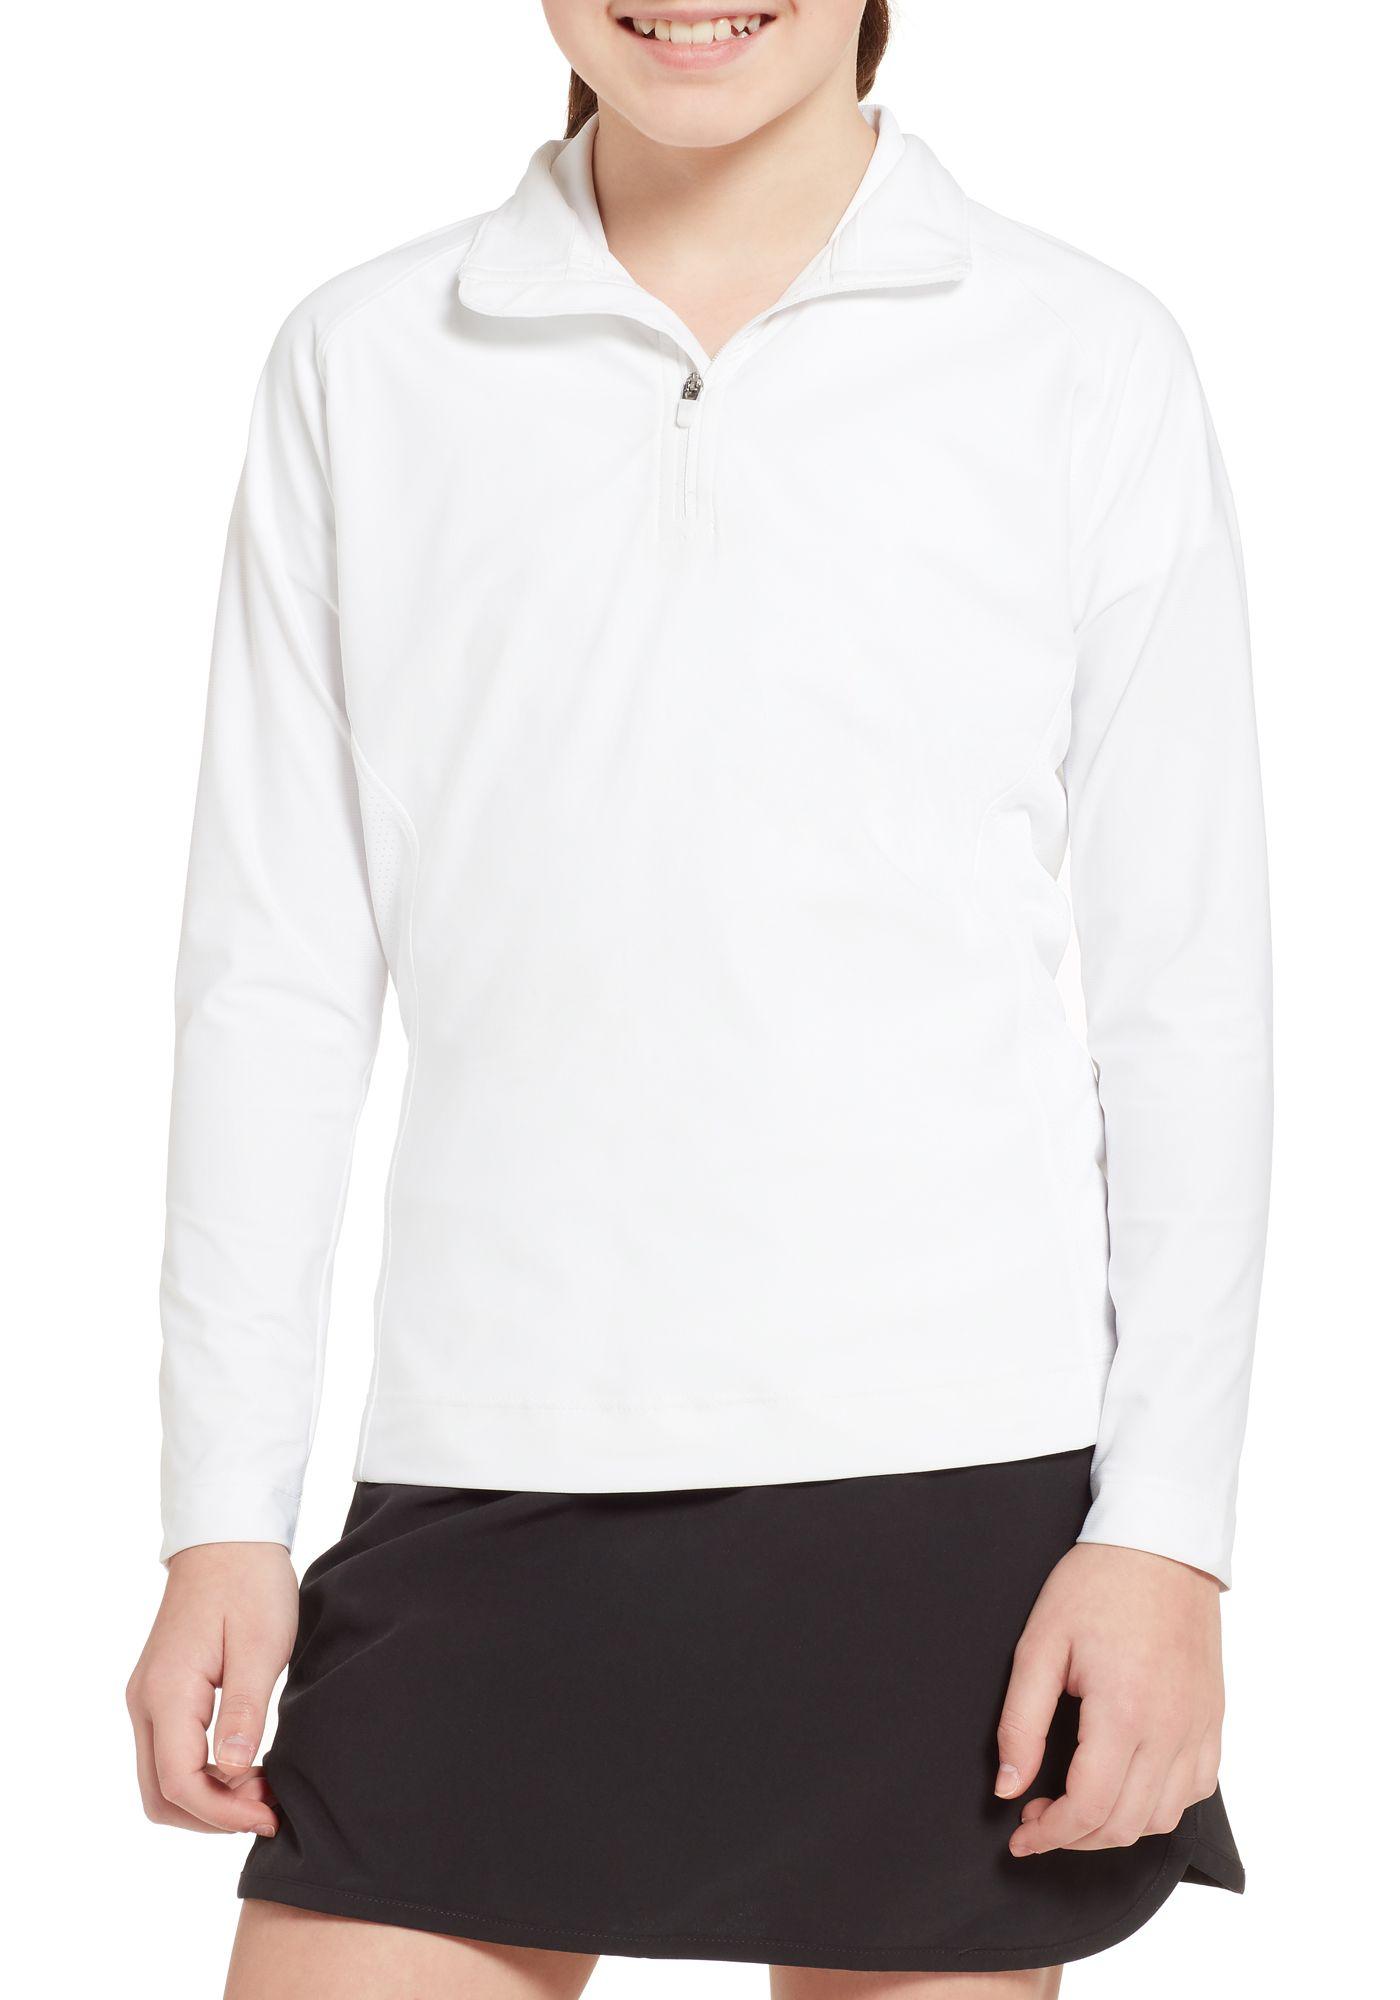 Slazenger Girls' UV Golf ¼ Zip